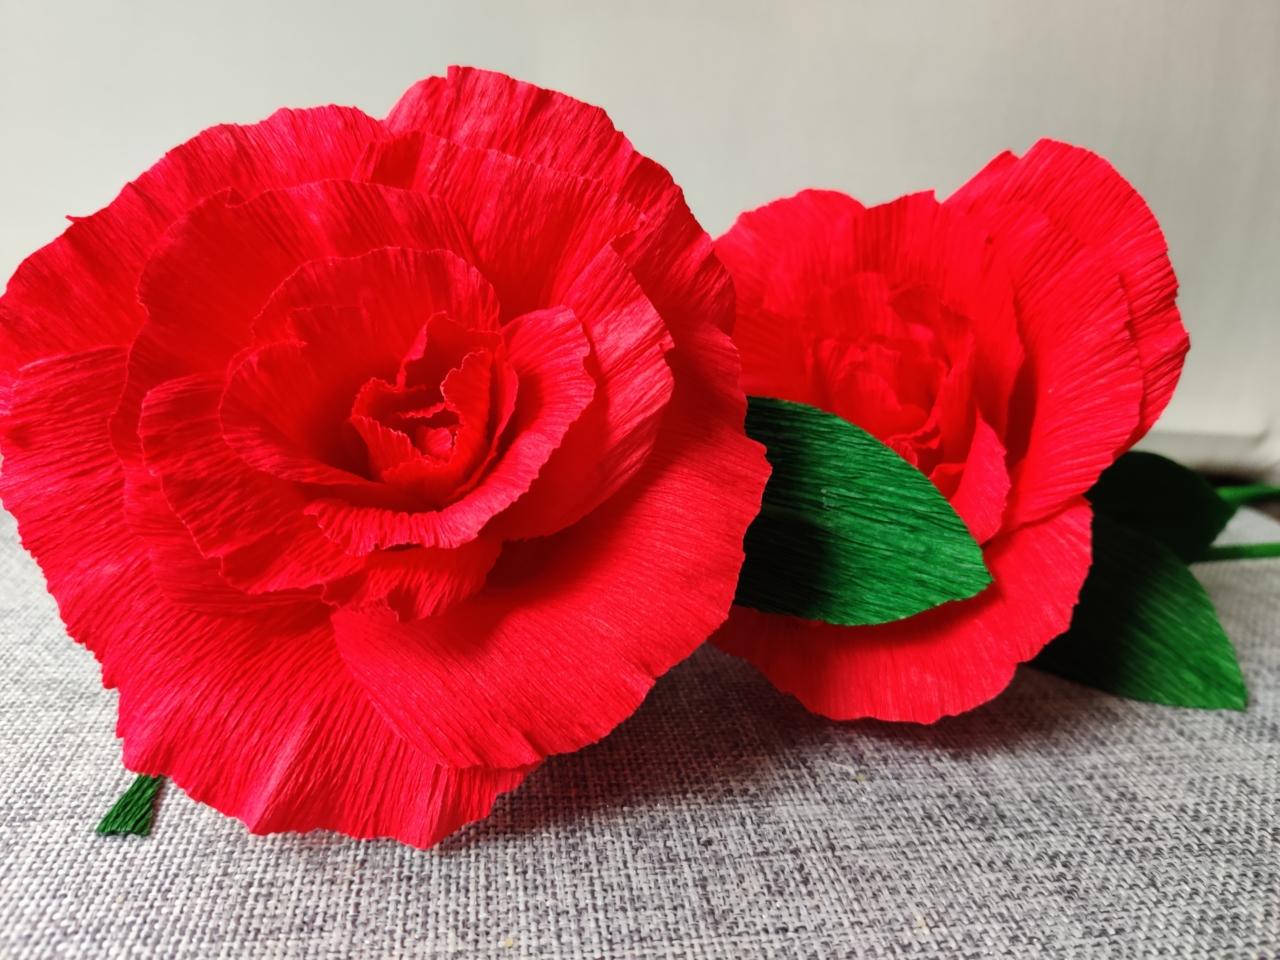 Upominek dla mamy: Kwiat z krepiny (warsztaty on-line).